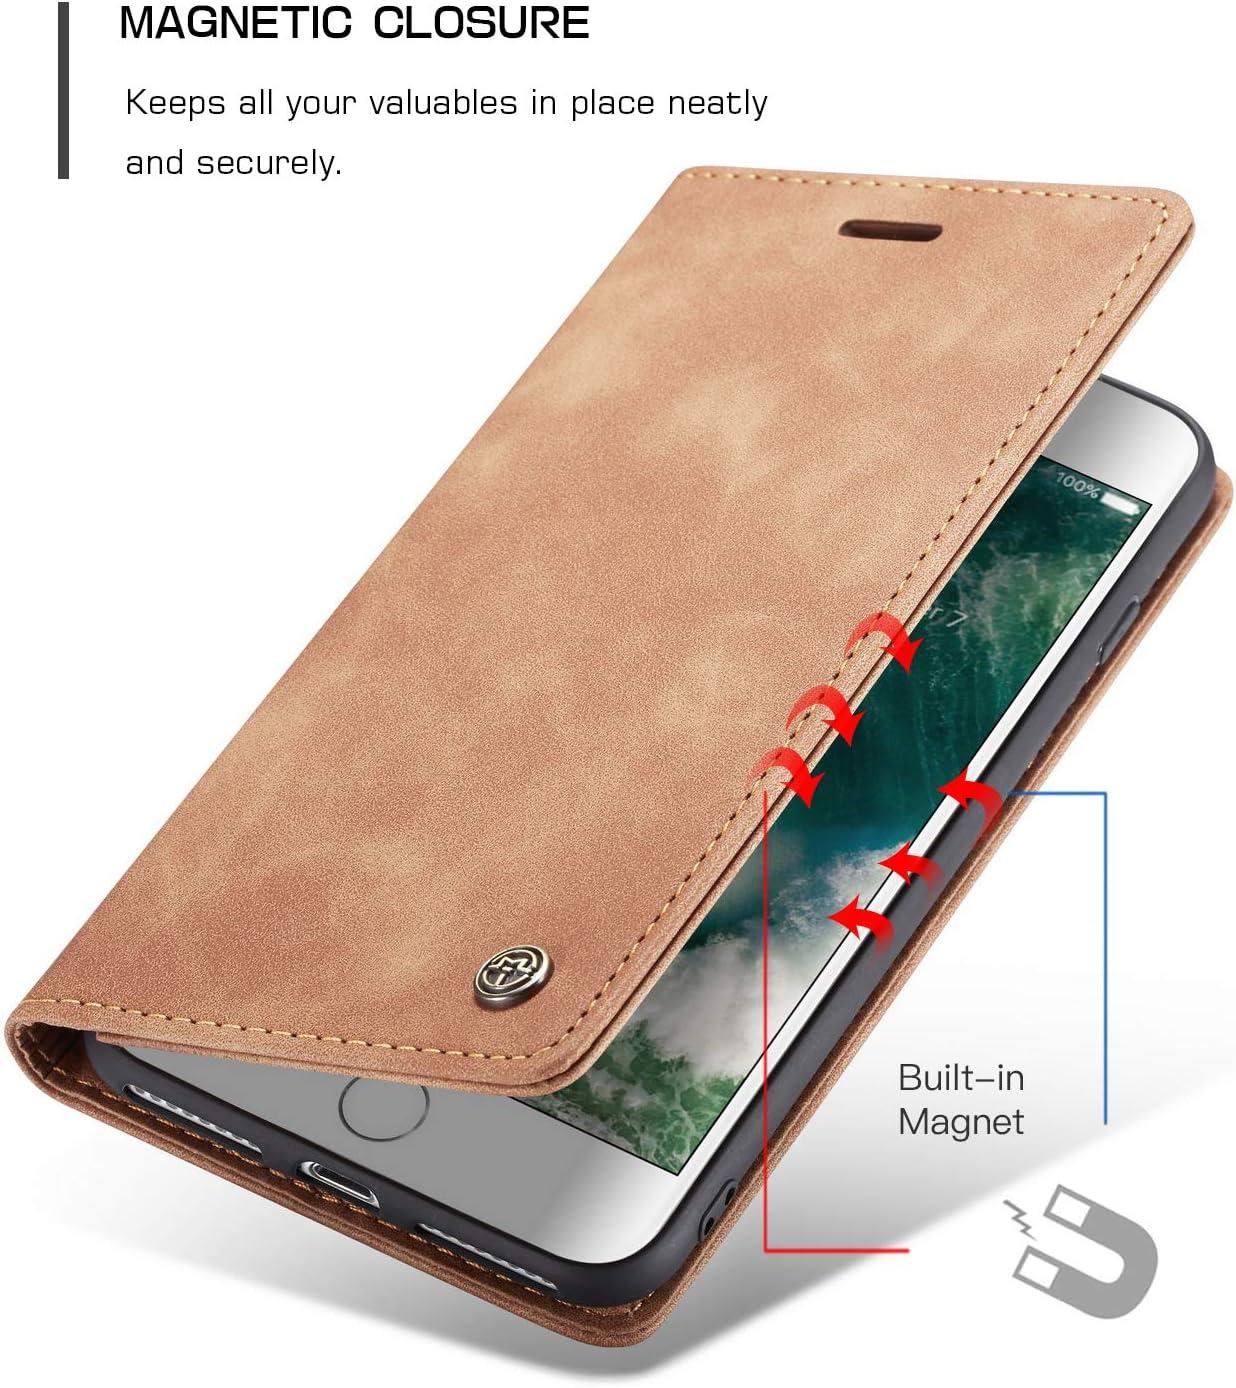 Vintage D/ünne Handyh/ülle mit Kartenfach Geld Slot St/änder PU Ledertasche TPU Bumper Flip Schutzh/ülle Kompatibel mit iPhone 7 8 QLTYPRI H/ülle f/ür iPhone 7 8 Schwarz